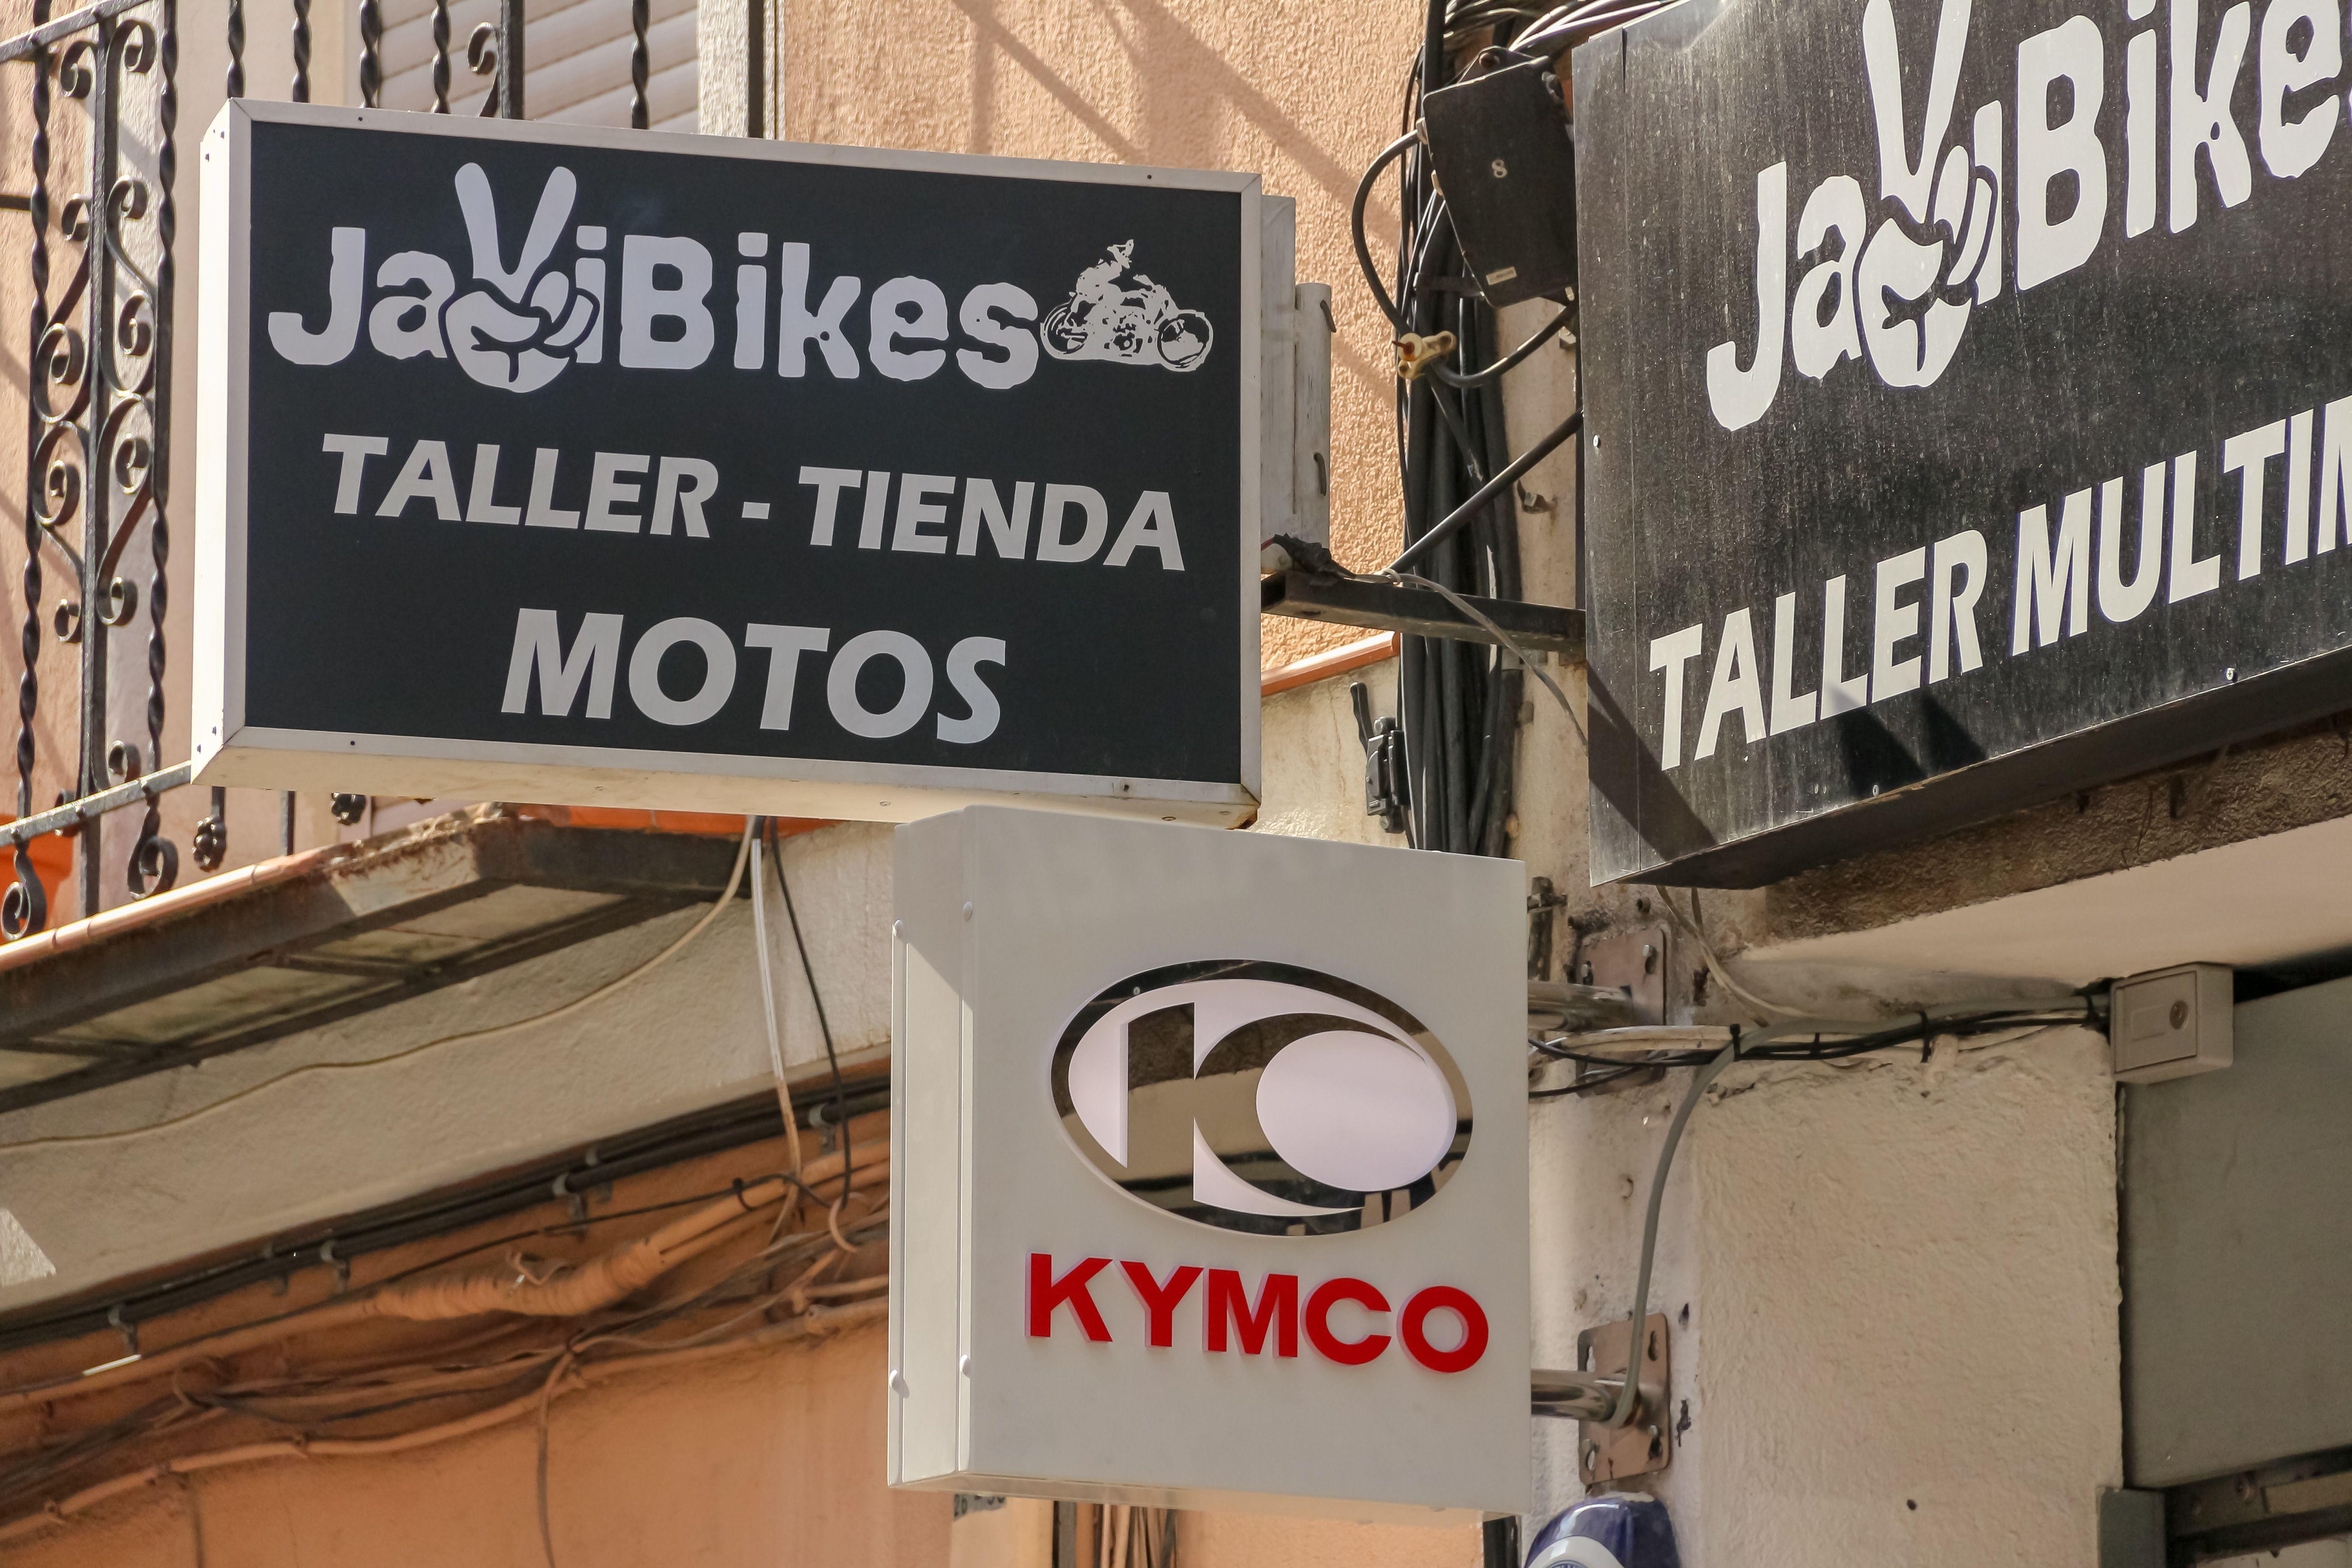 Taller Kymco en Plaza Castilla, Madrid